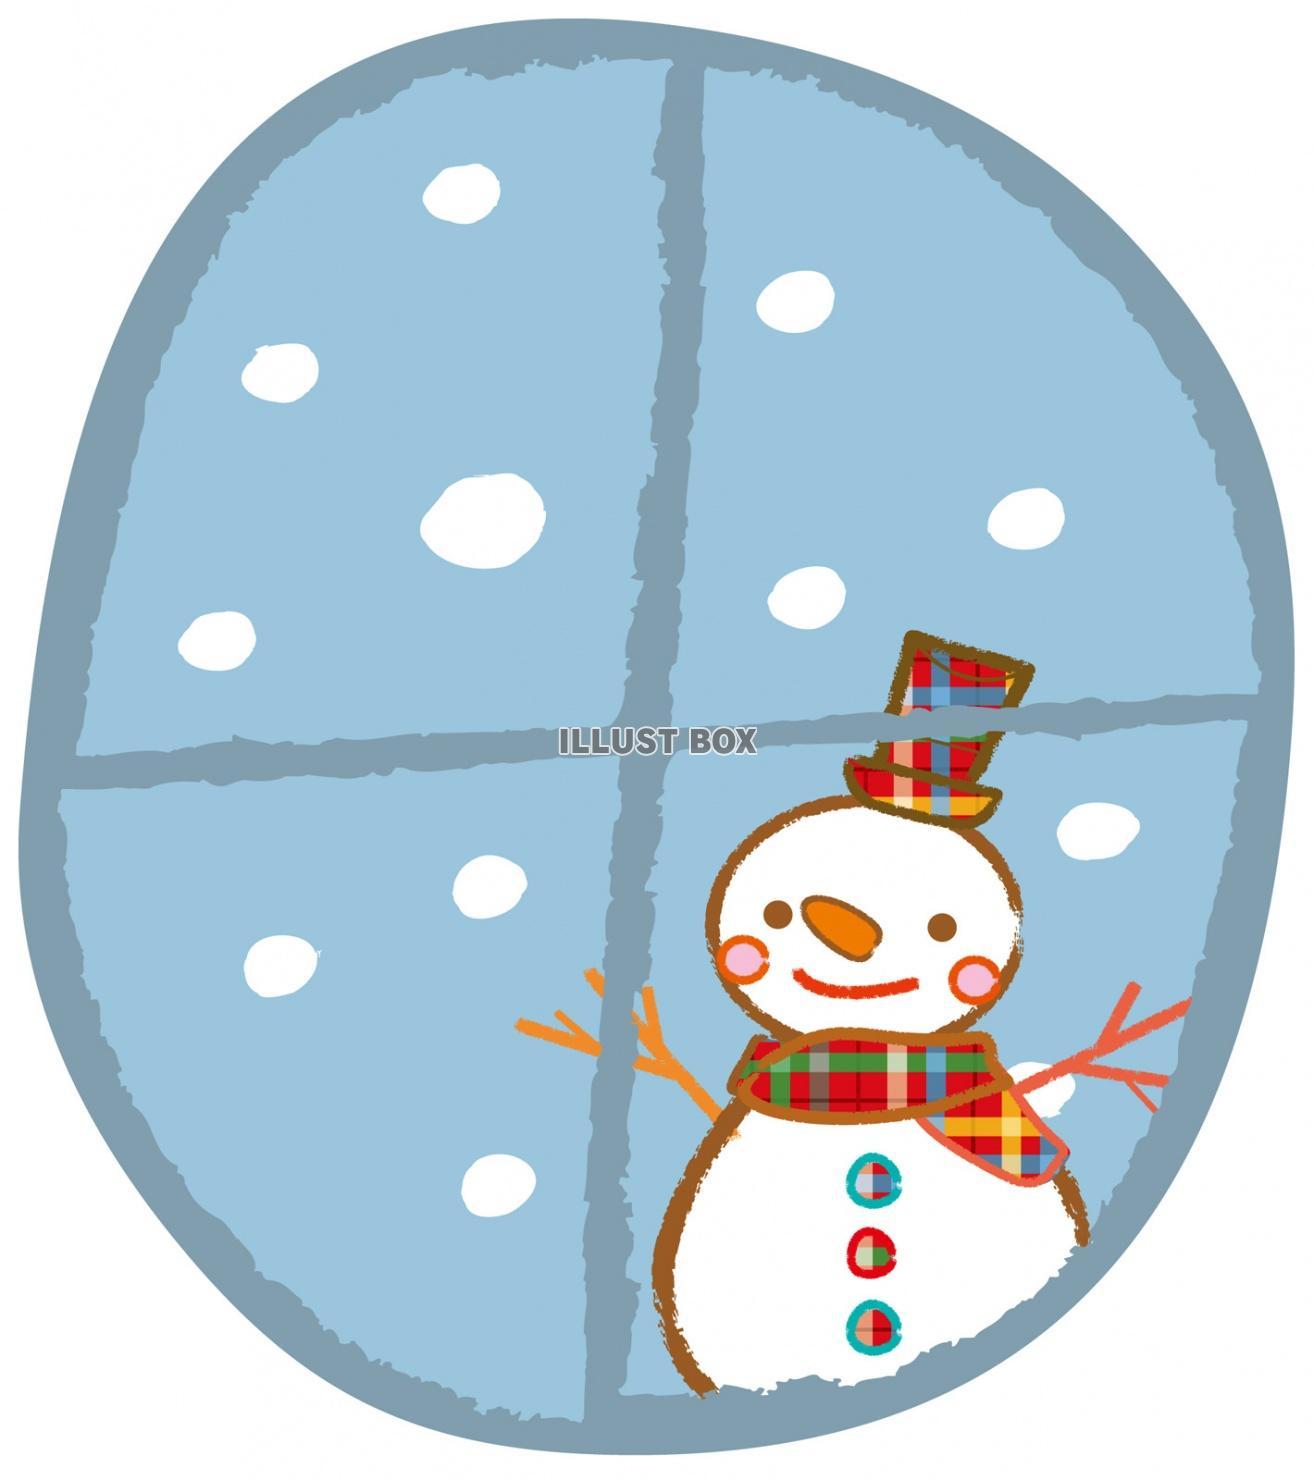 無料イラスト 雪だるま,雪,イラスト,冬,手書き,シルエット